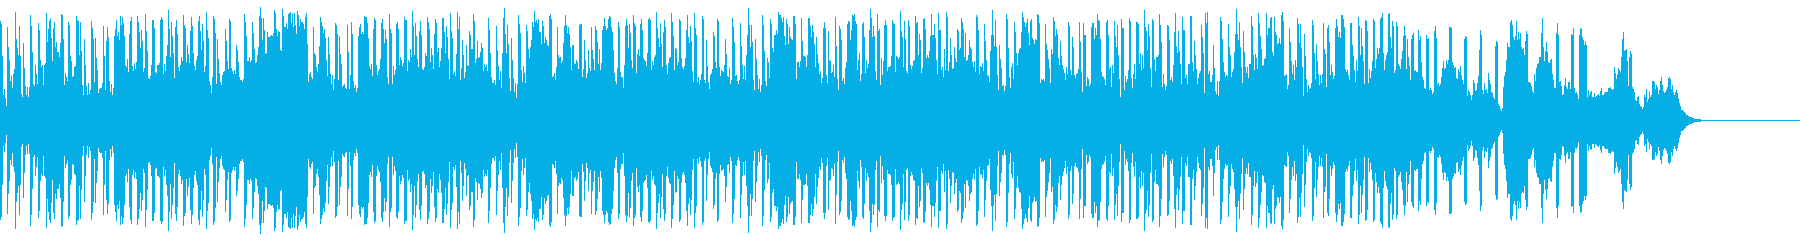 ストリングスとトランペットが印象的な曲の再生済みの波形